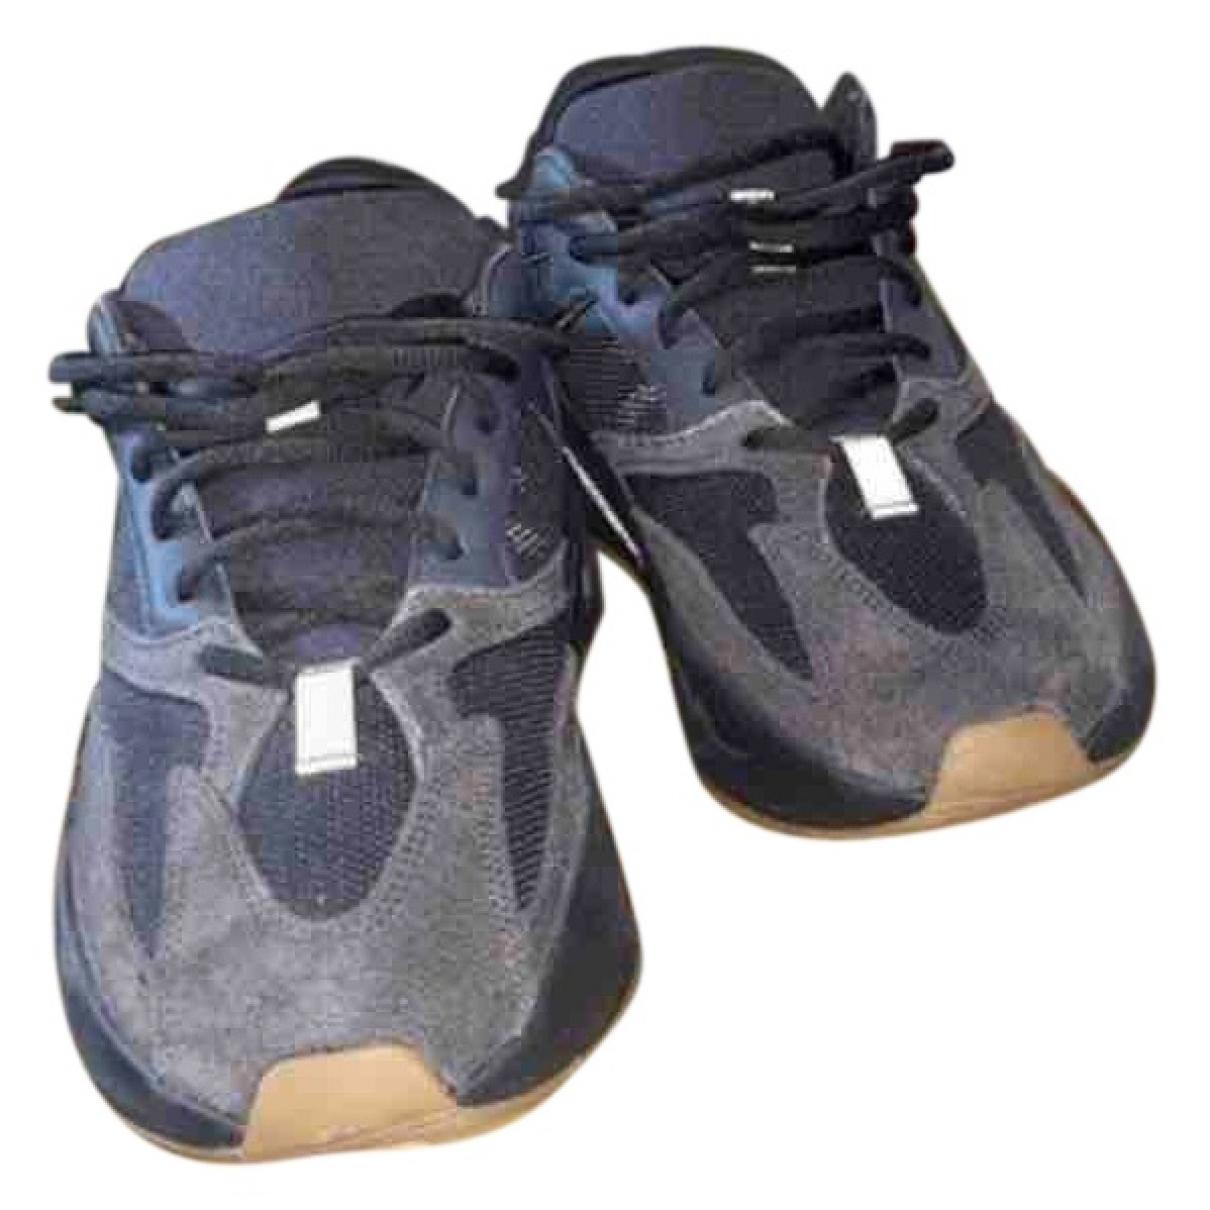 Yeezy X Adidas - Baskets Boost 700 V1  pour homme en cuir - noir